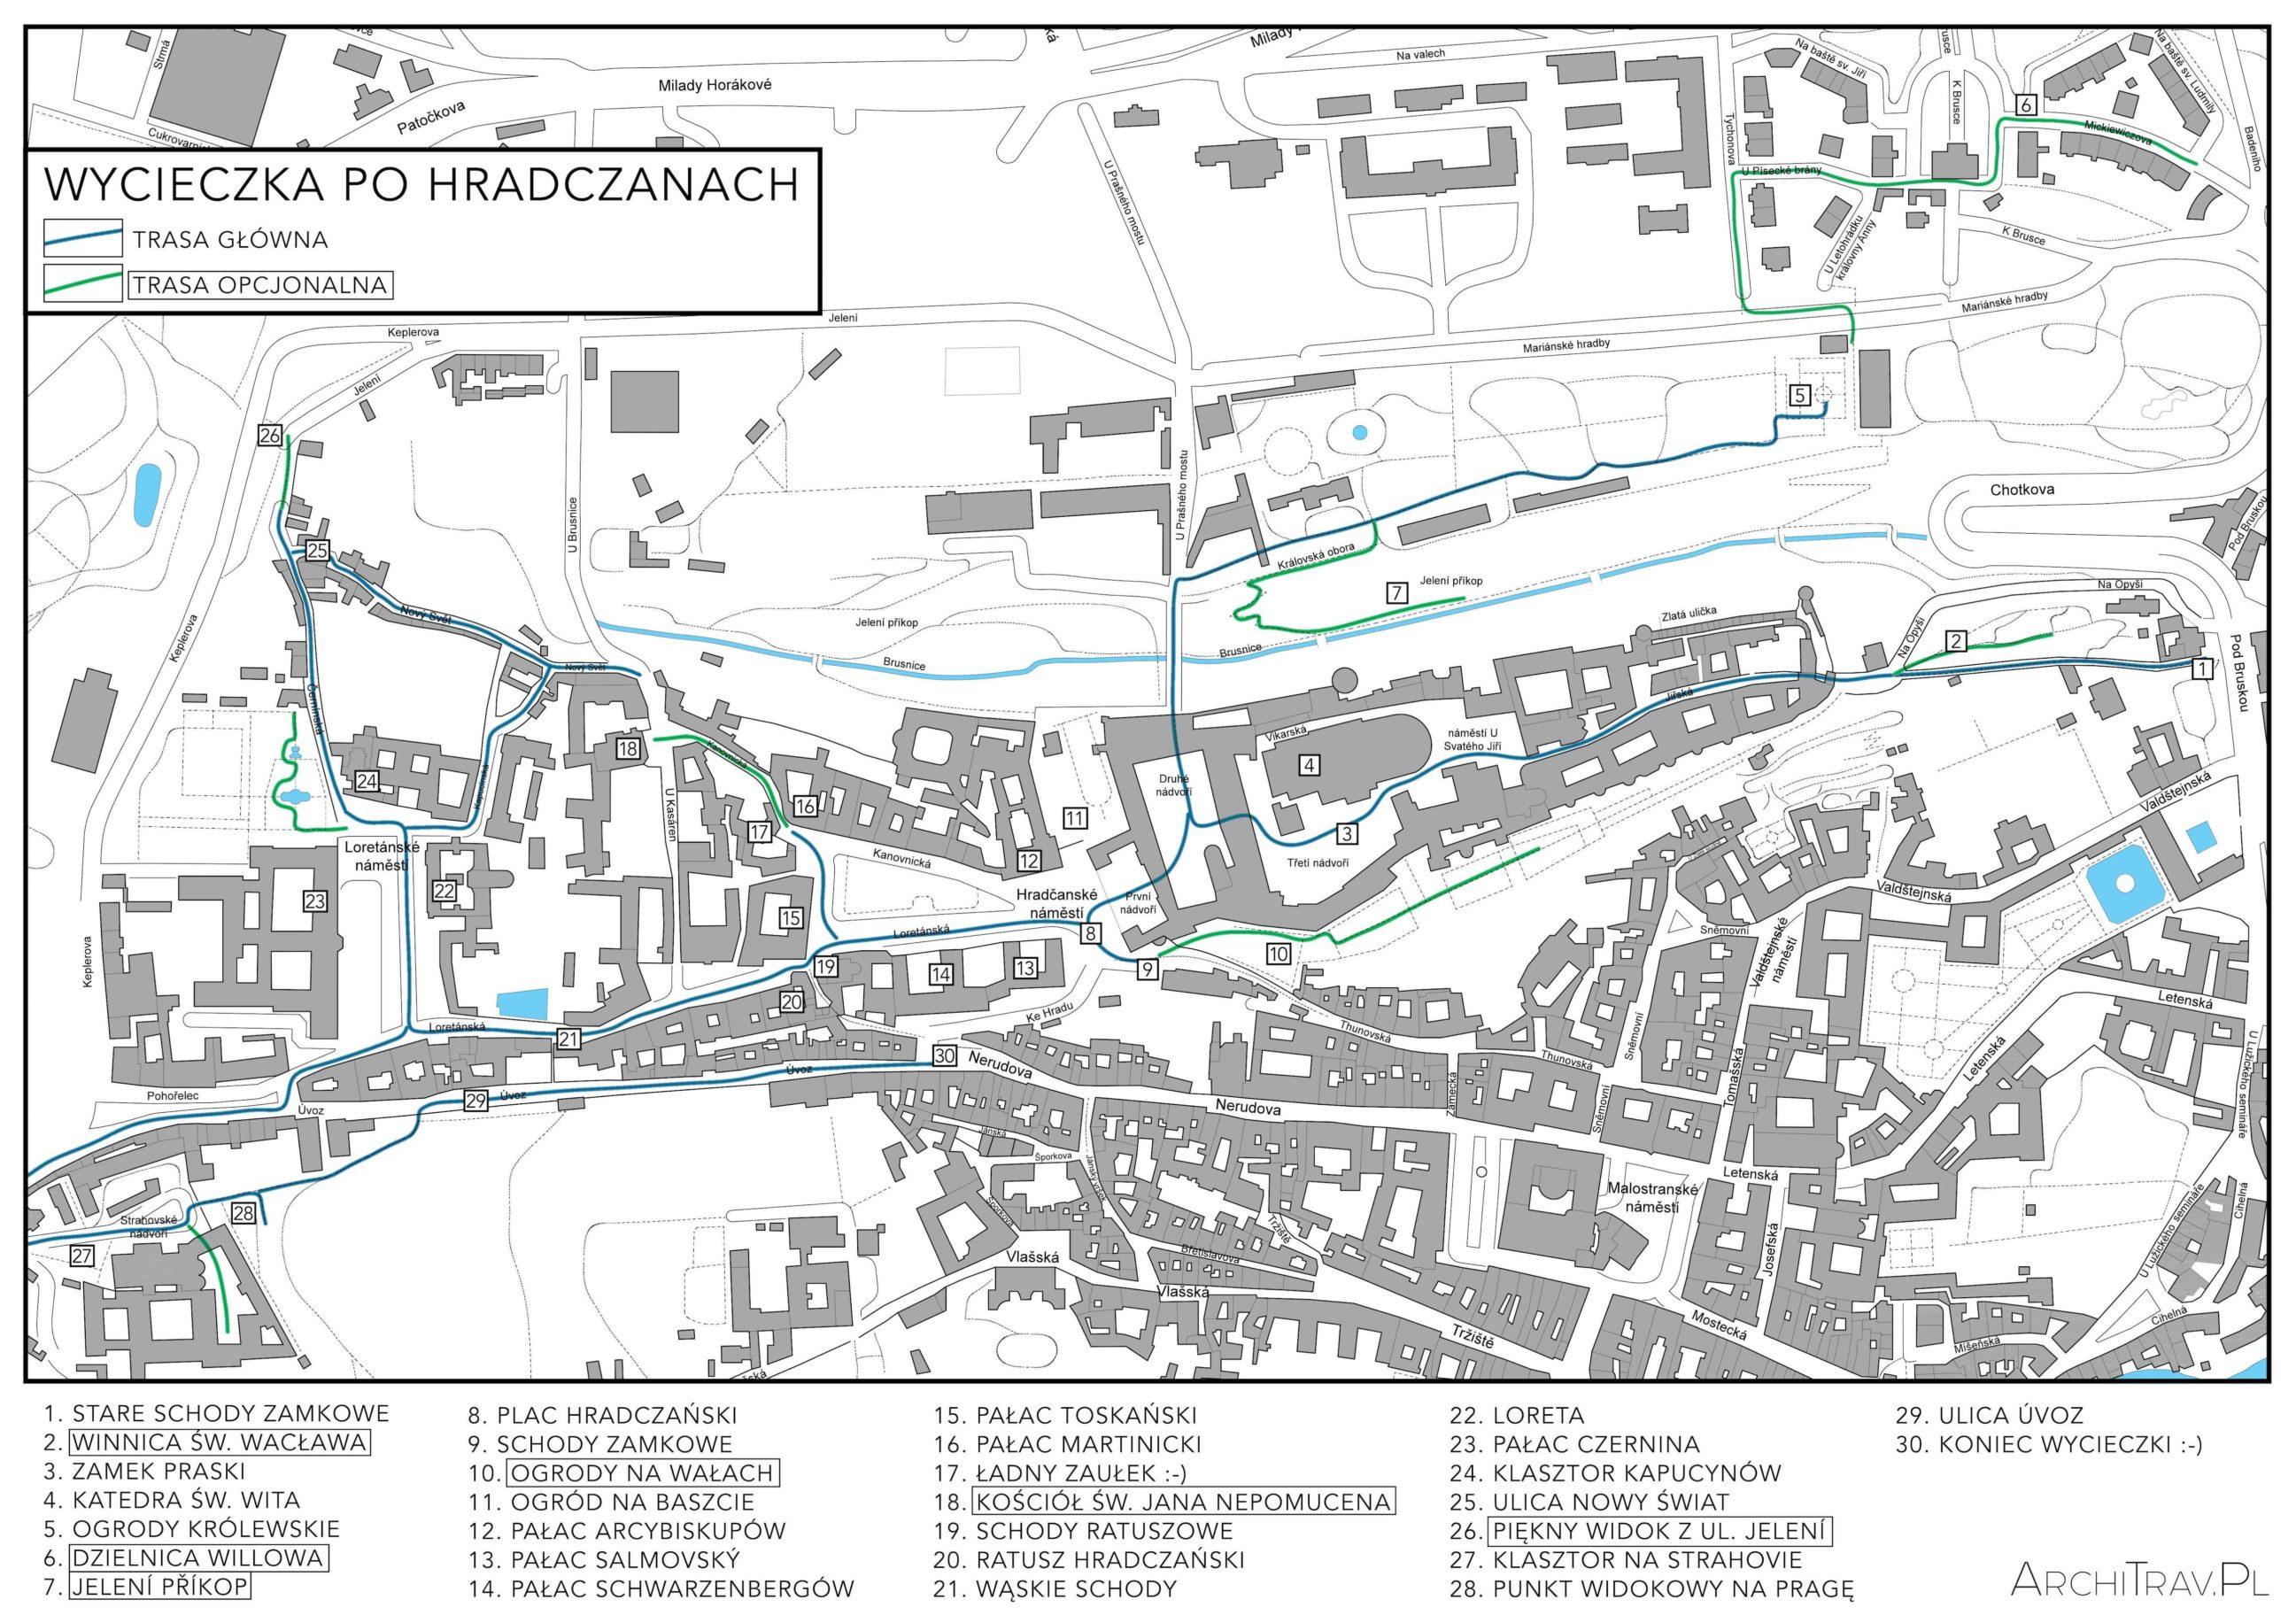 Hradczany - mapa ukazująca trasę wycieczki po praskiej dzielnicy